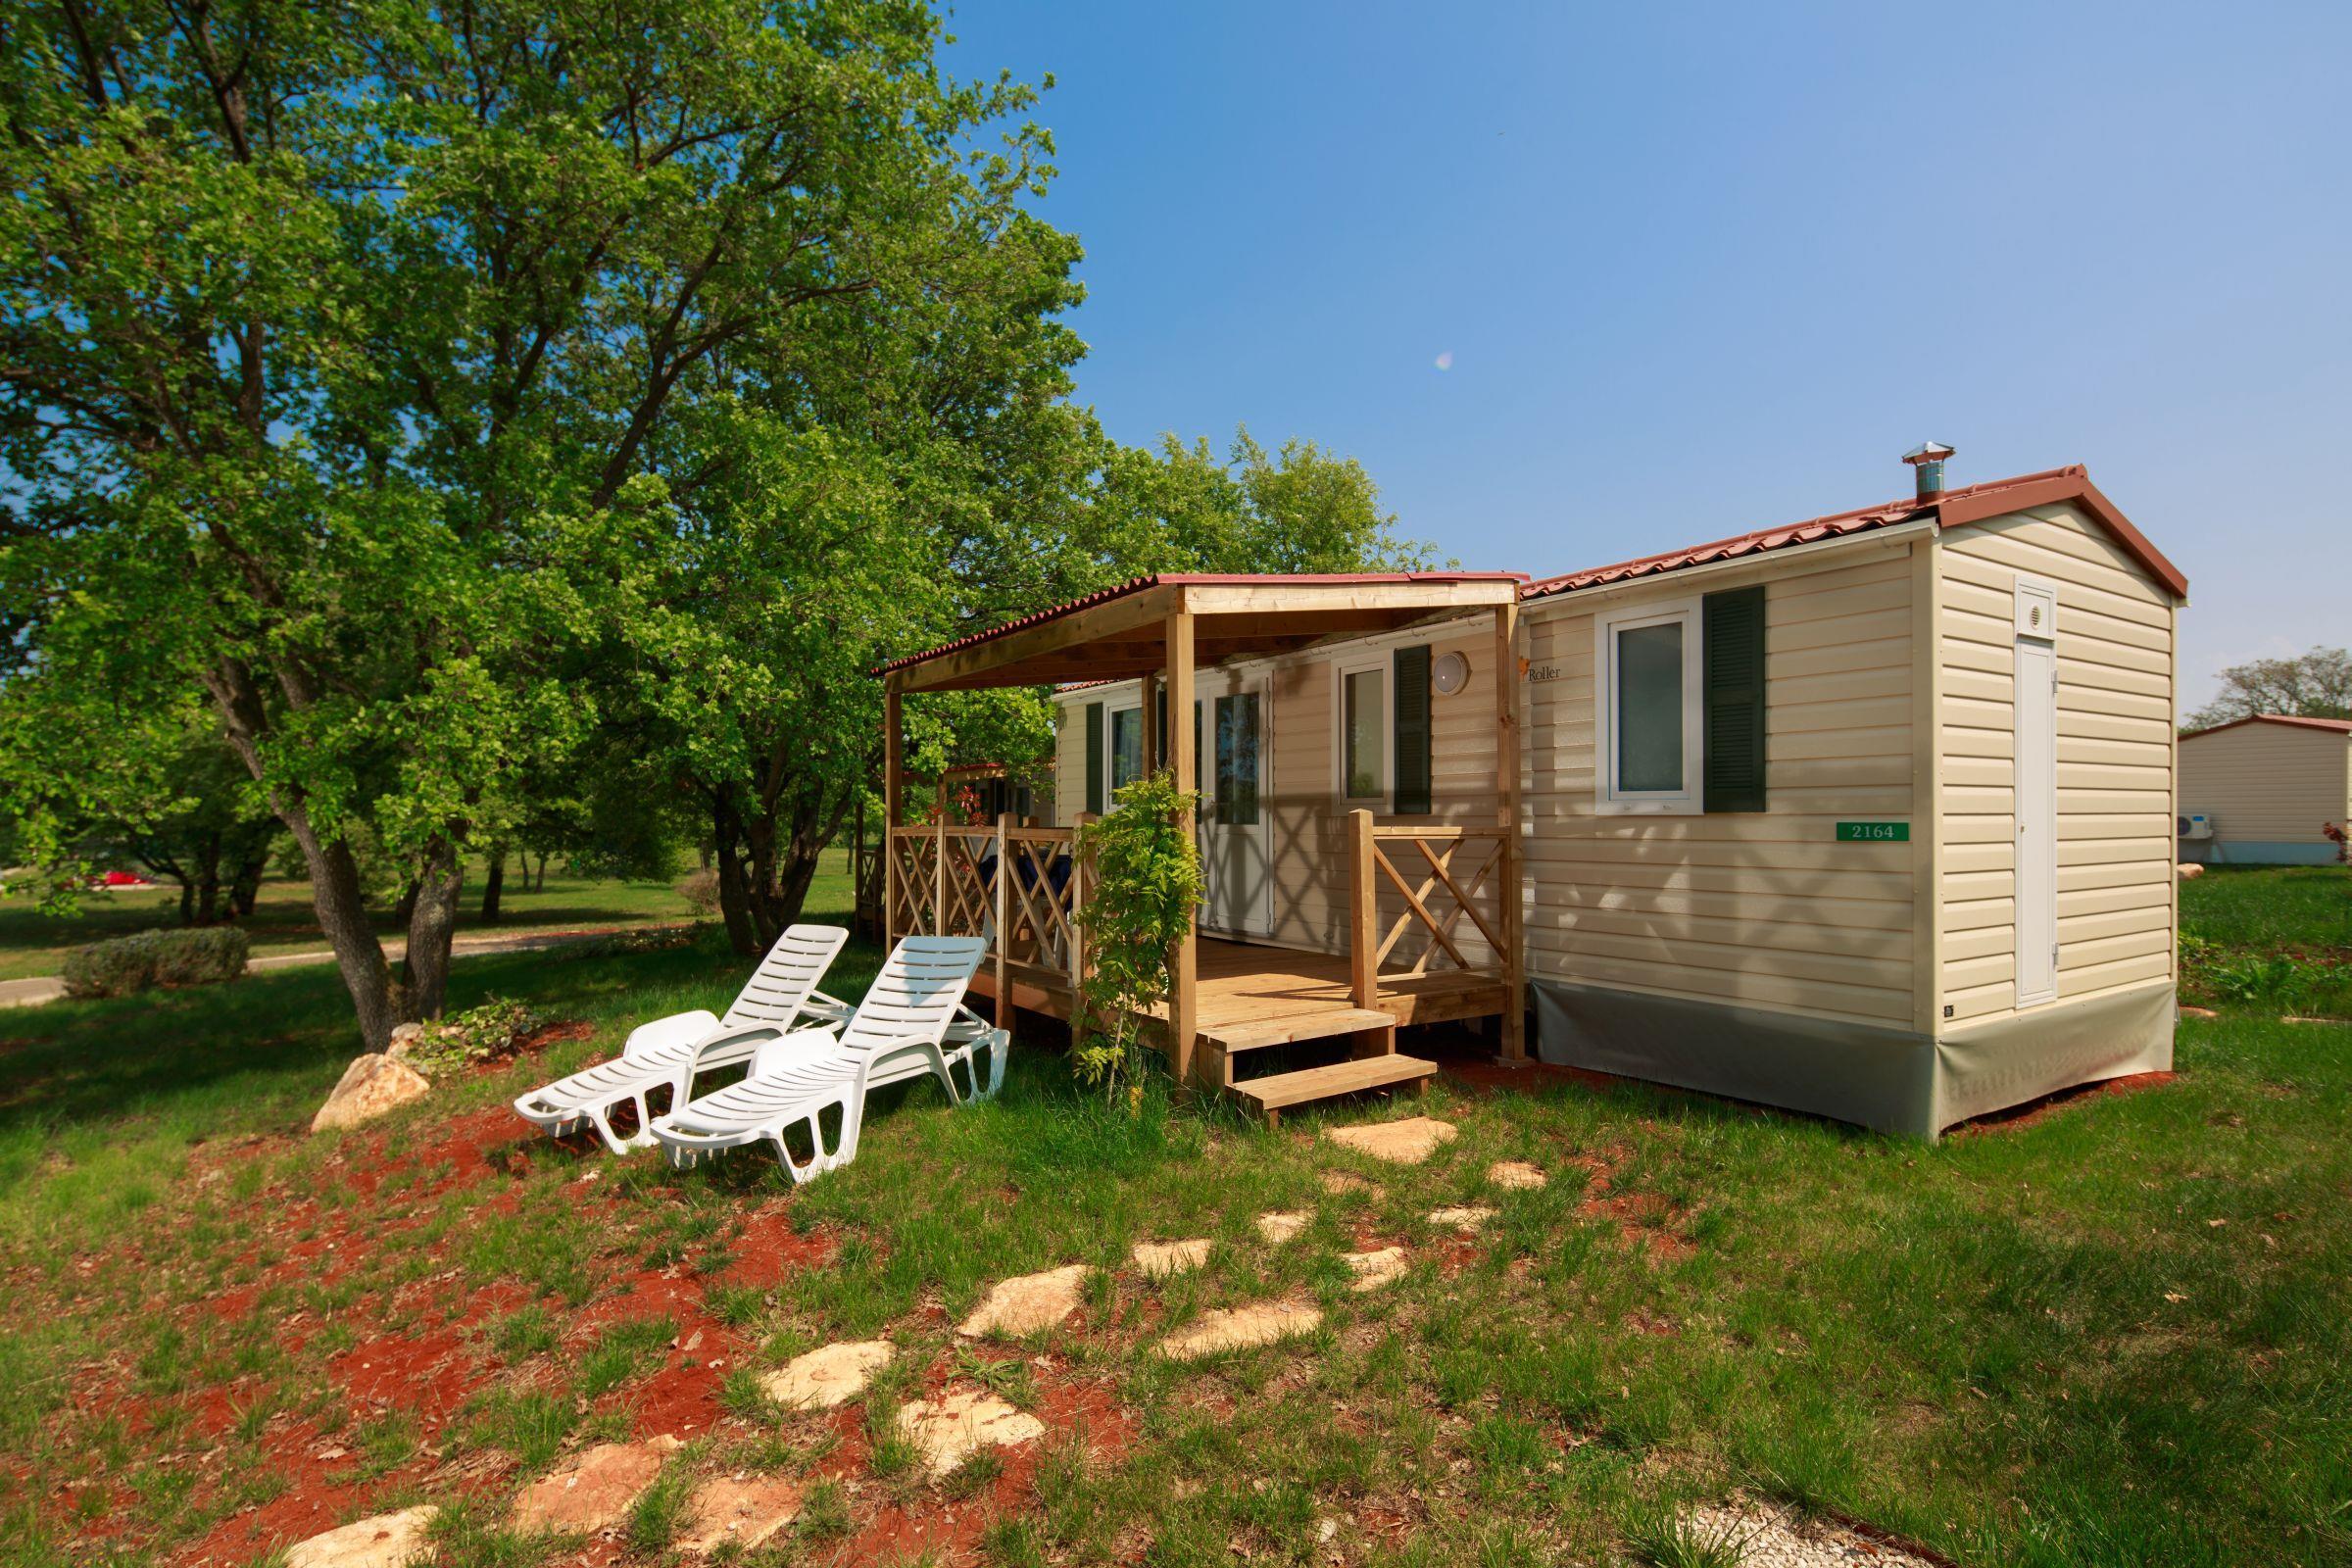 Location - Mobilhome Classique Côté Parc (4 Adultes + 2 Enfants) - Camping Park Umag